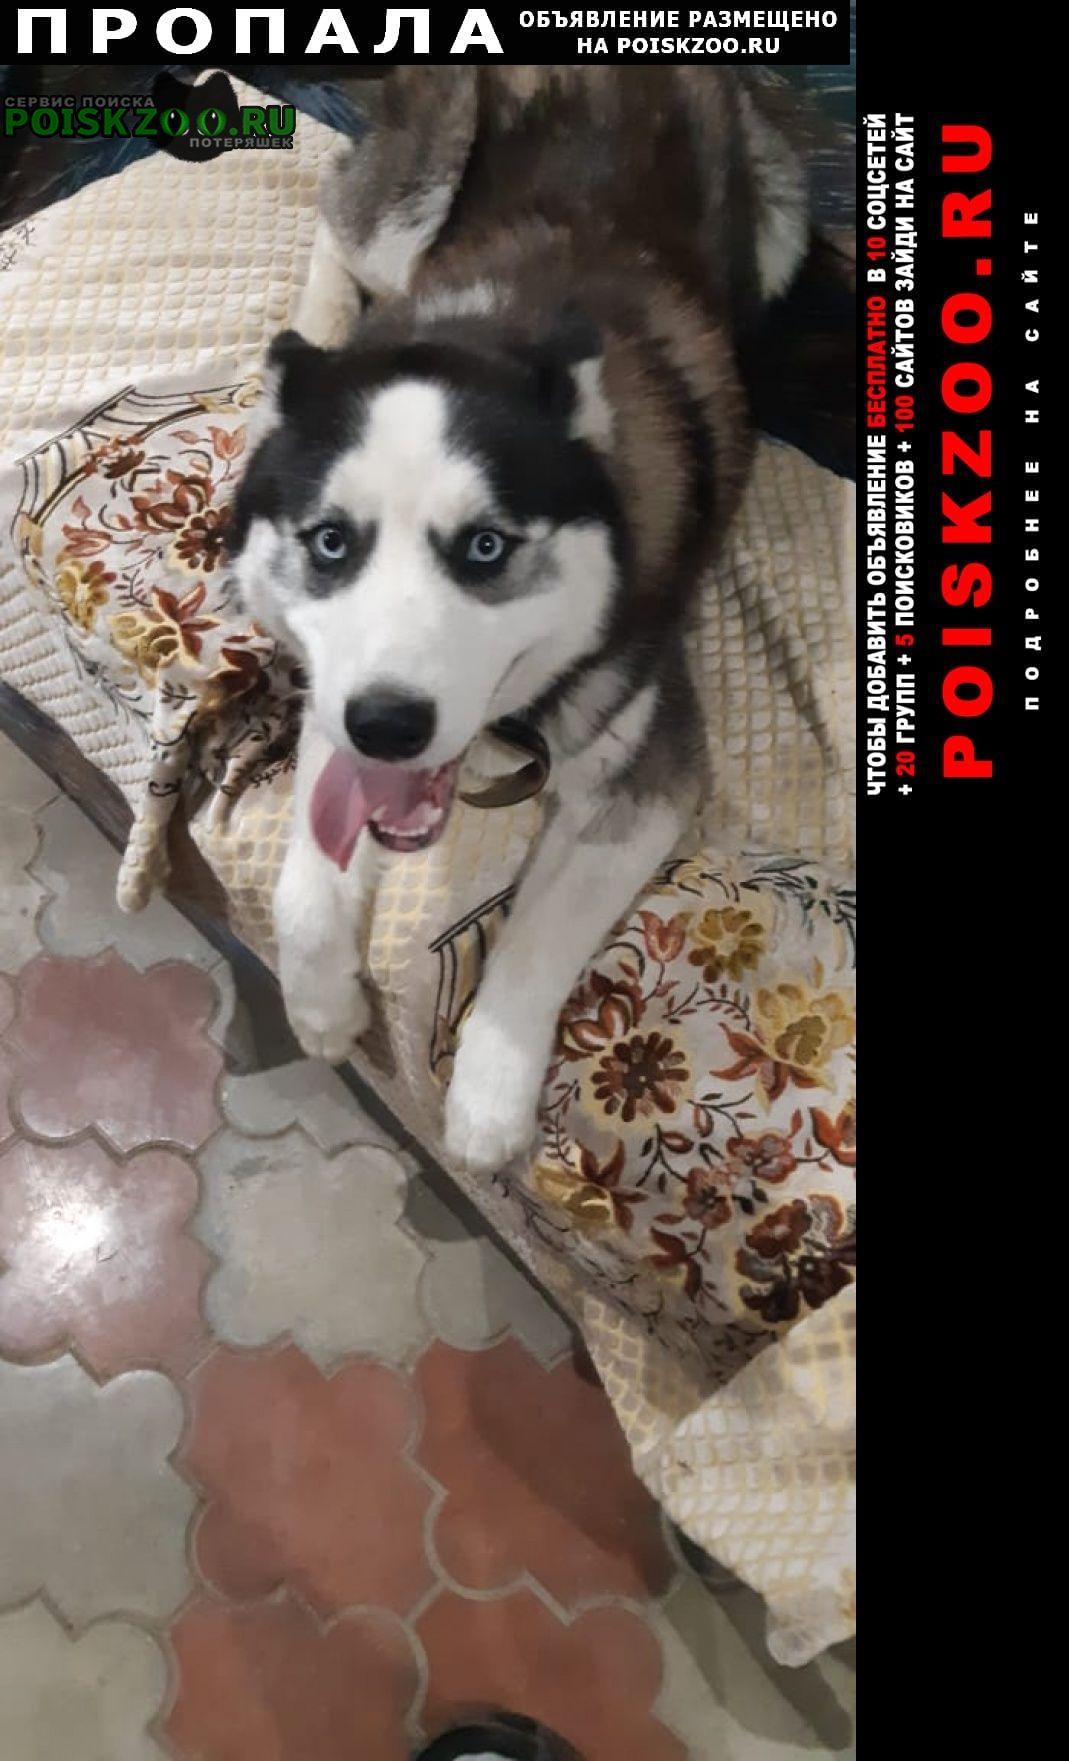 Пропала собака кобель Нальчик